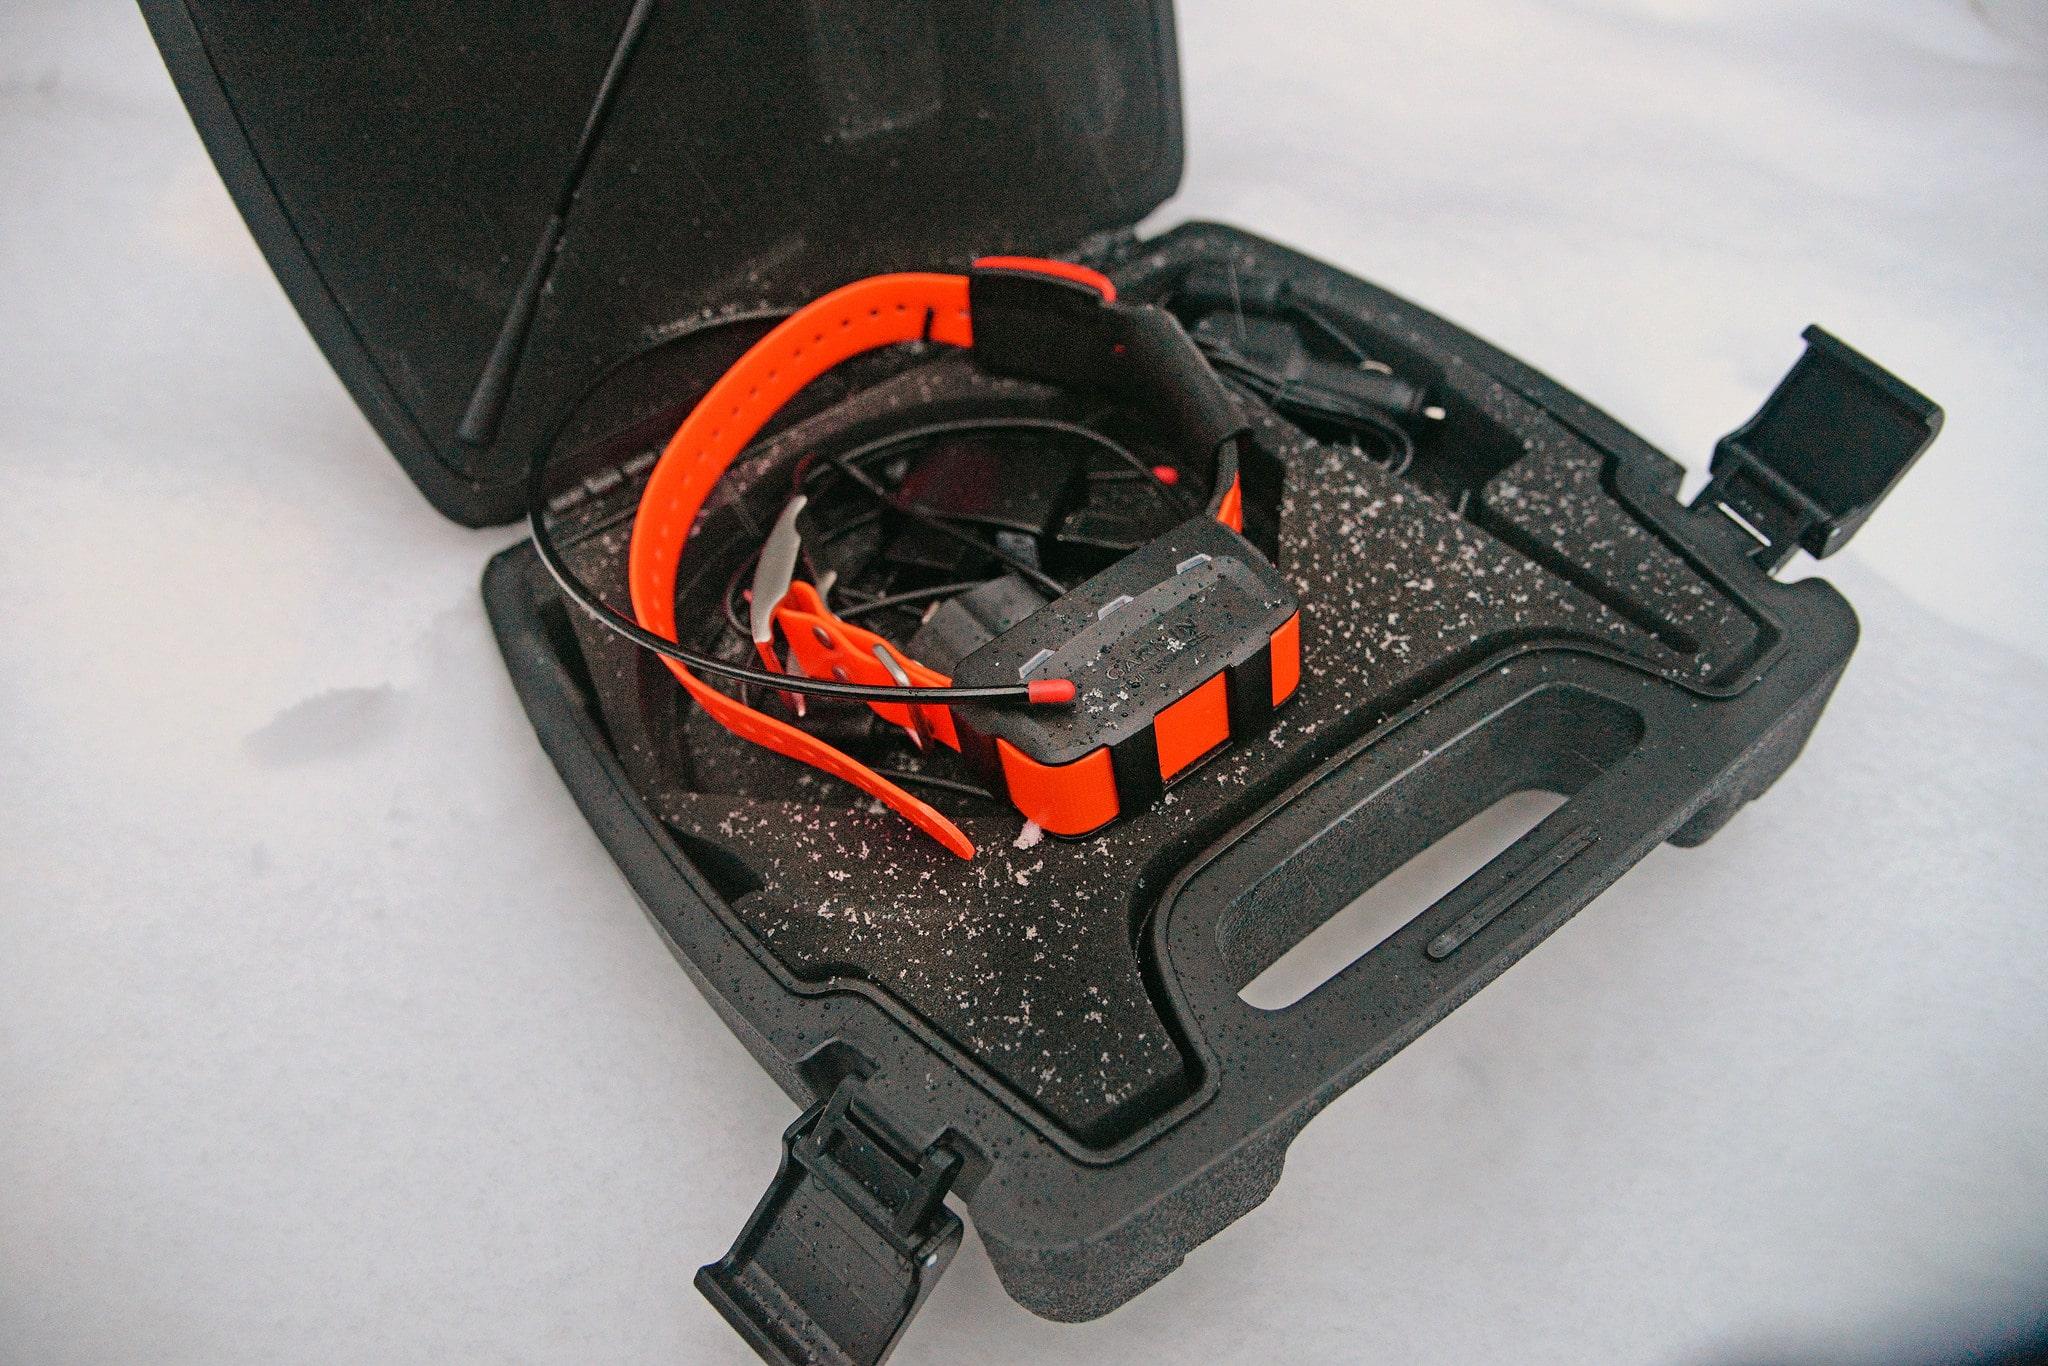 USA-versionen av Garmins Astro hundpejlhalsband kan allvarligt störa försvarets radiokommunikation. Det här halsbandet är dock ett godkänt CE-märkt halsband för den nordiska marknaden. Foto: Lars-Henrik Andersson